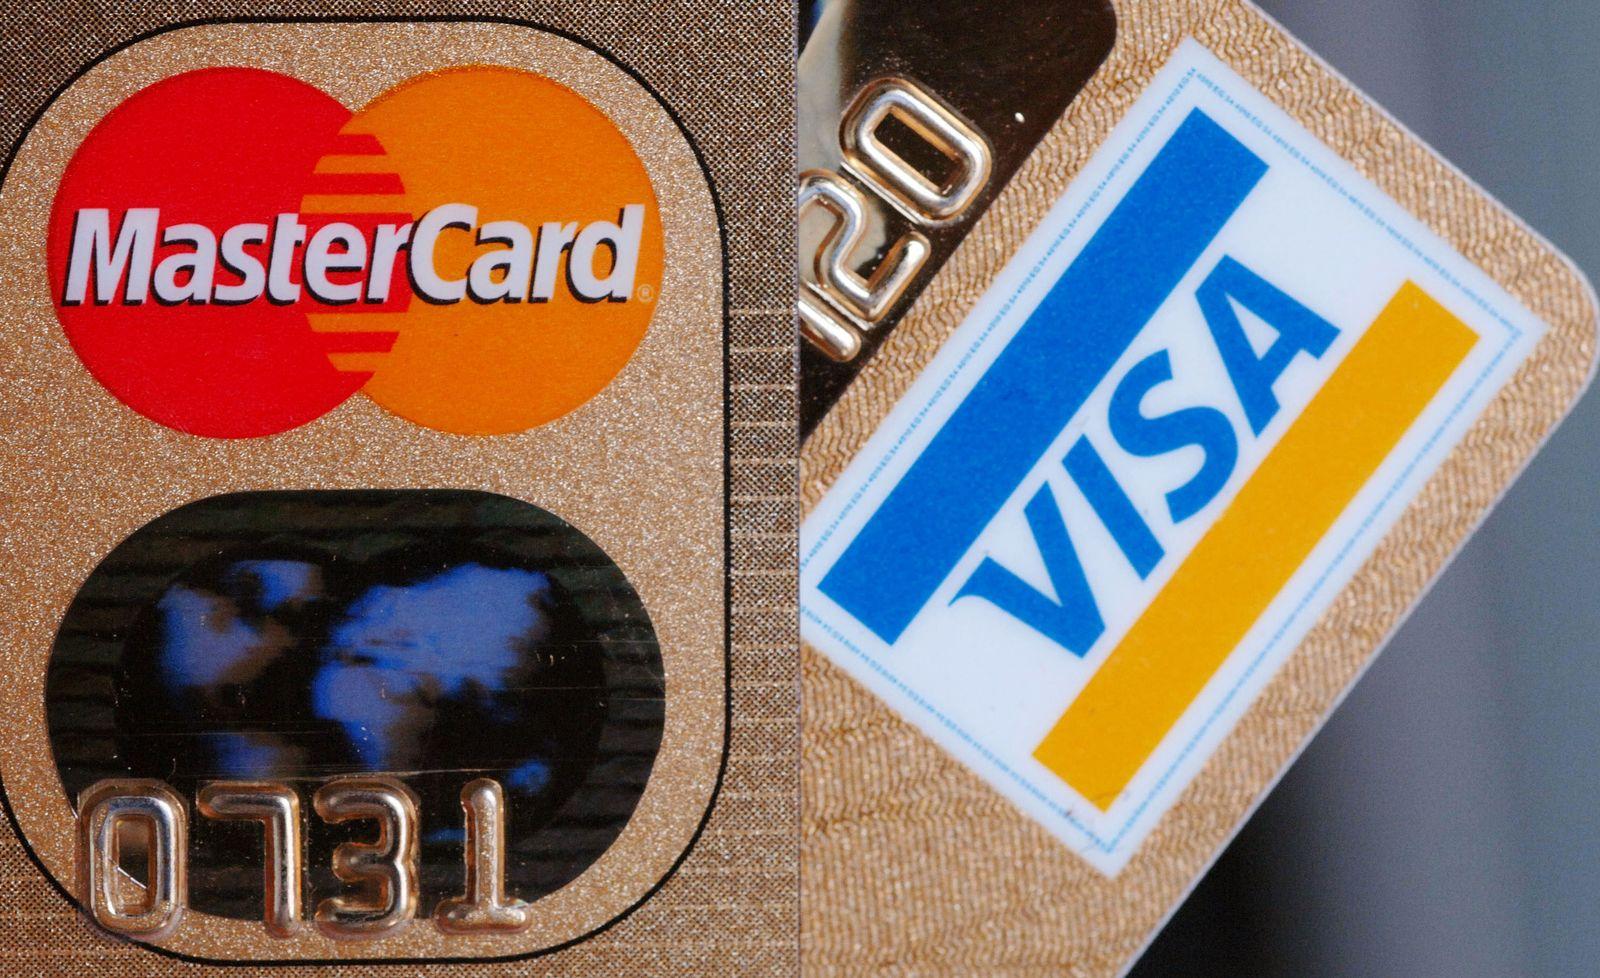 Kreditkarten / Visa / MasterCard